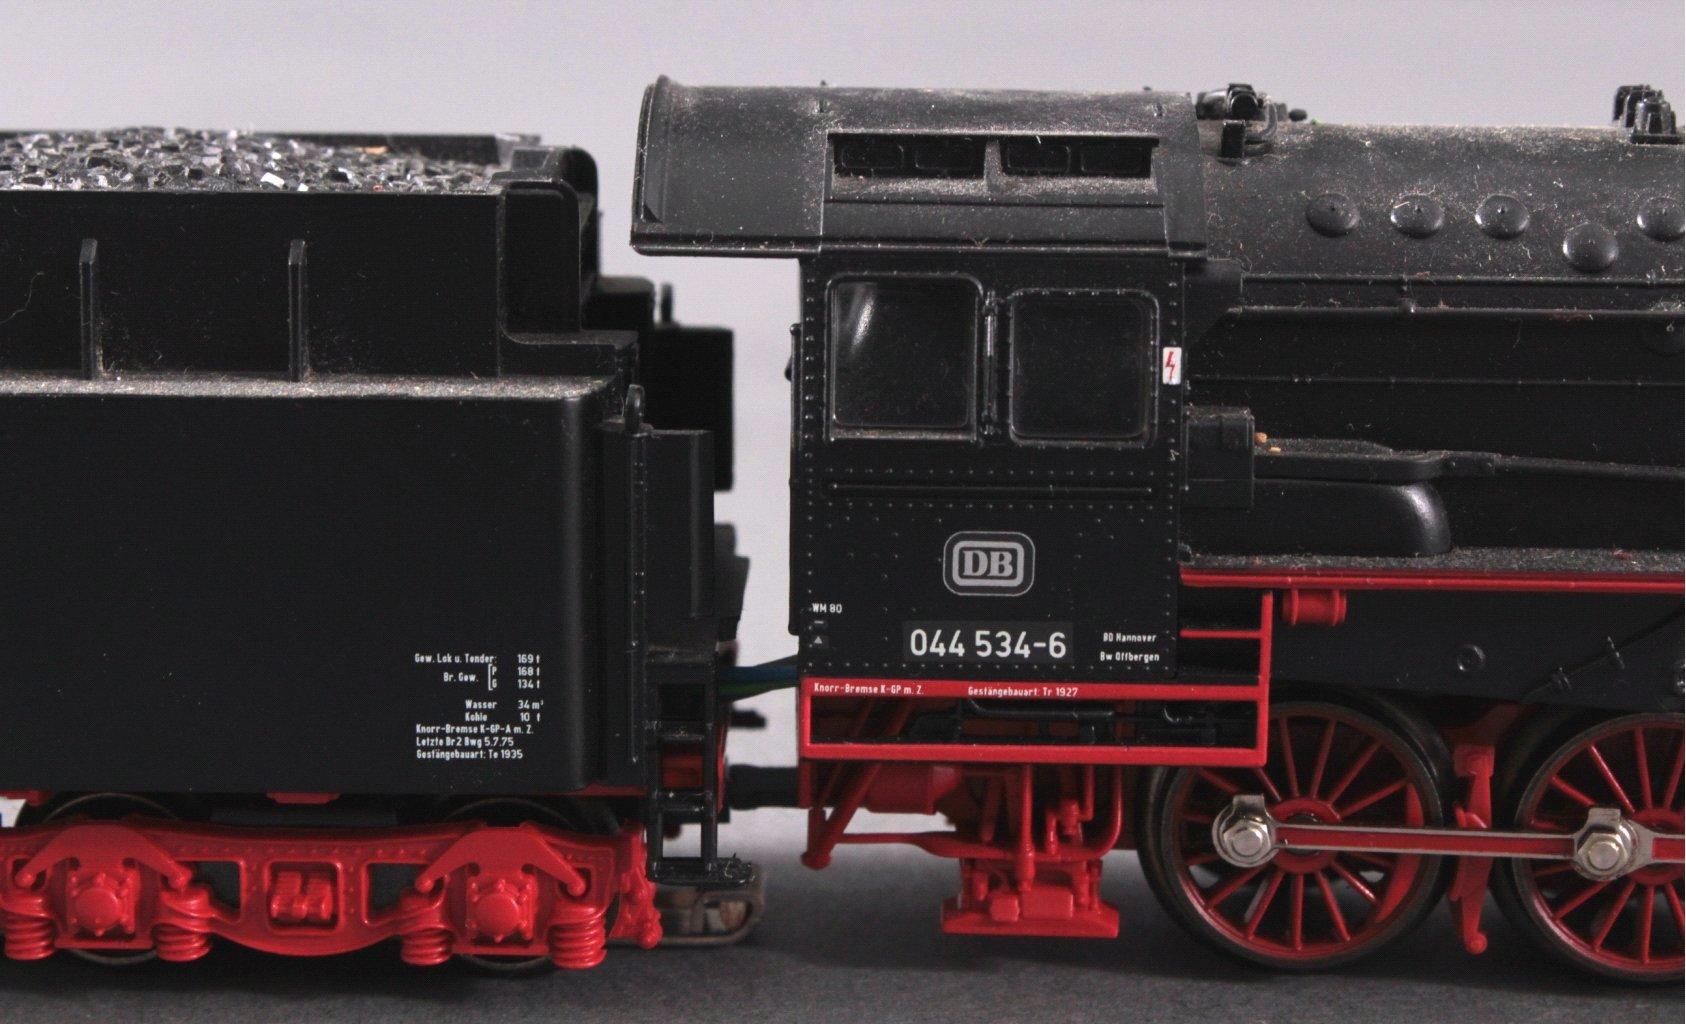 Märklin H0 37880 Dampf-Lok BR 044 534-6 der DB mit-2